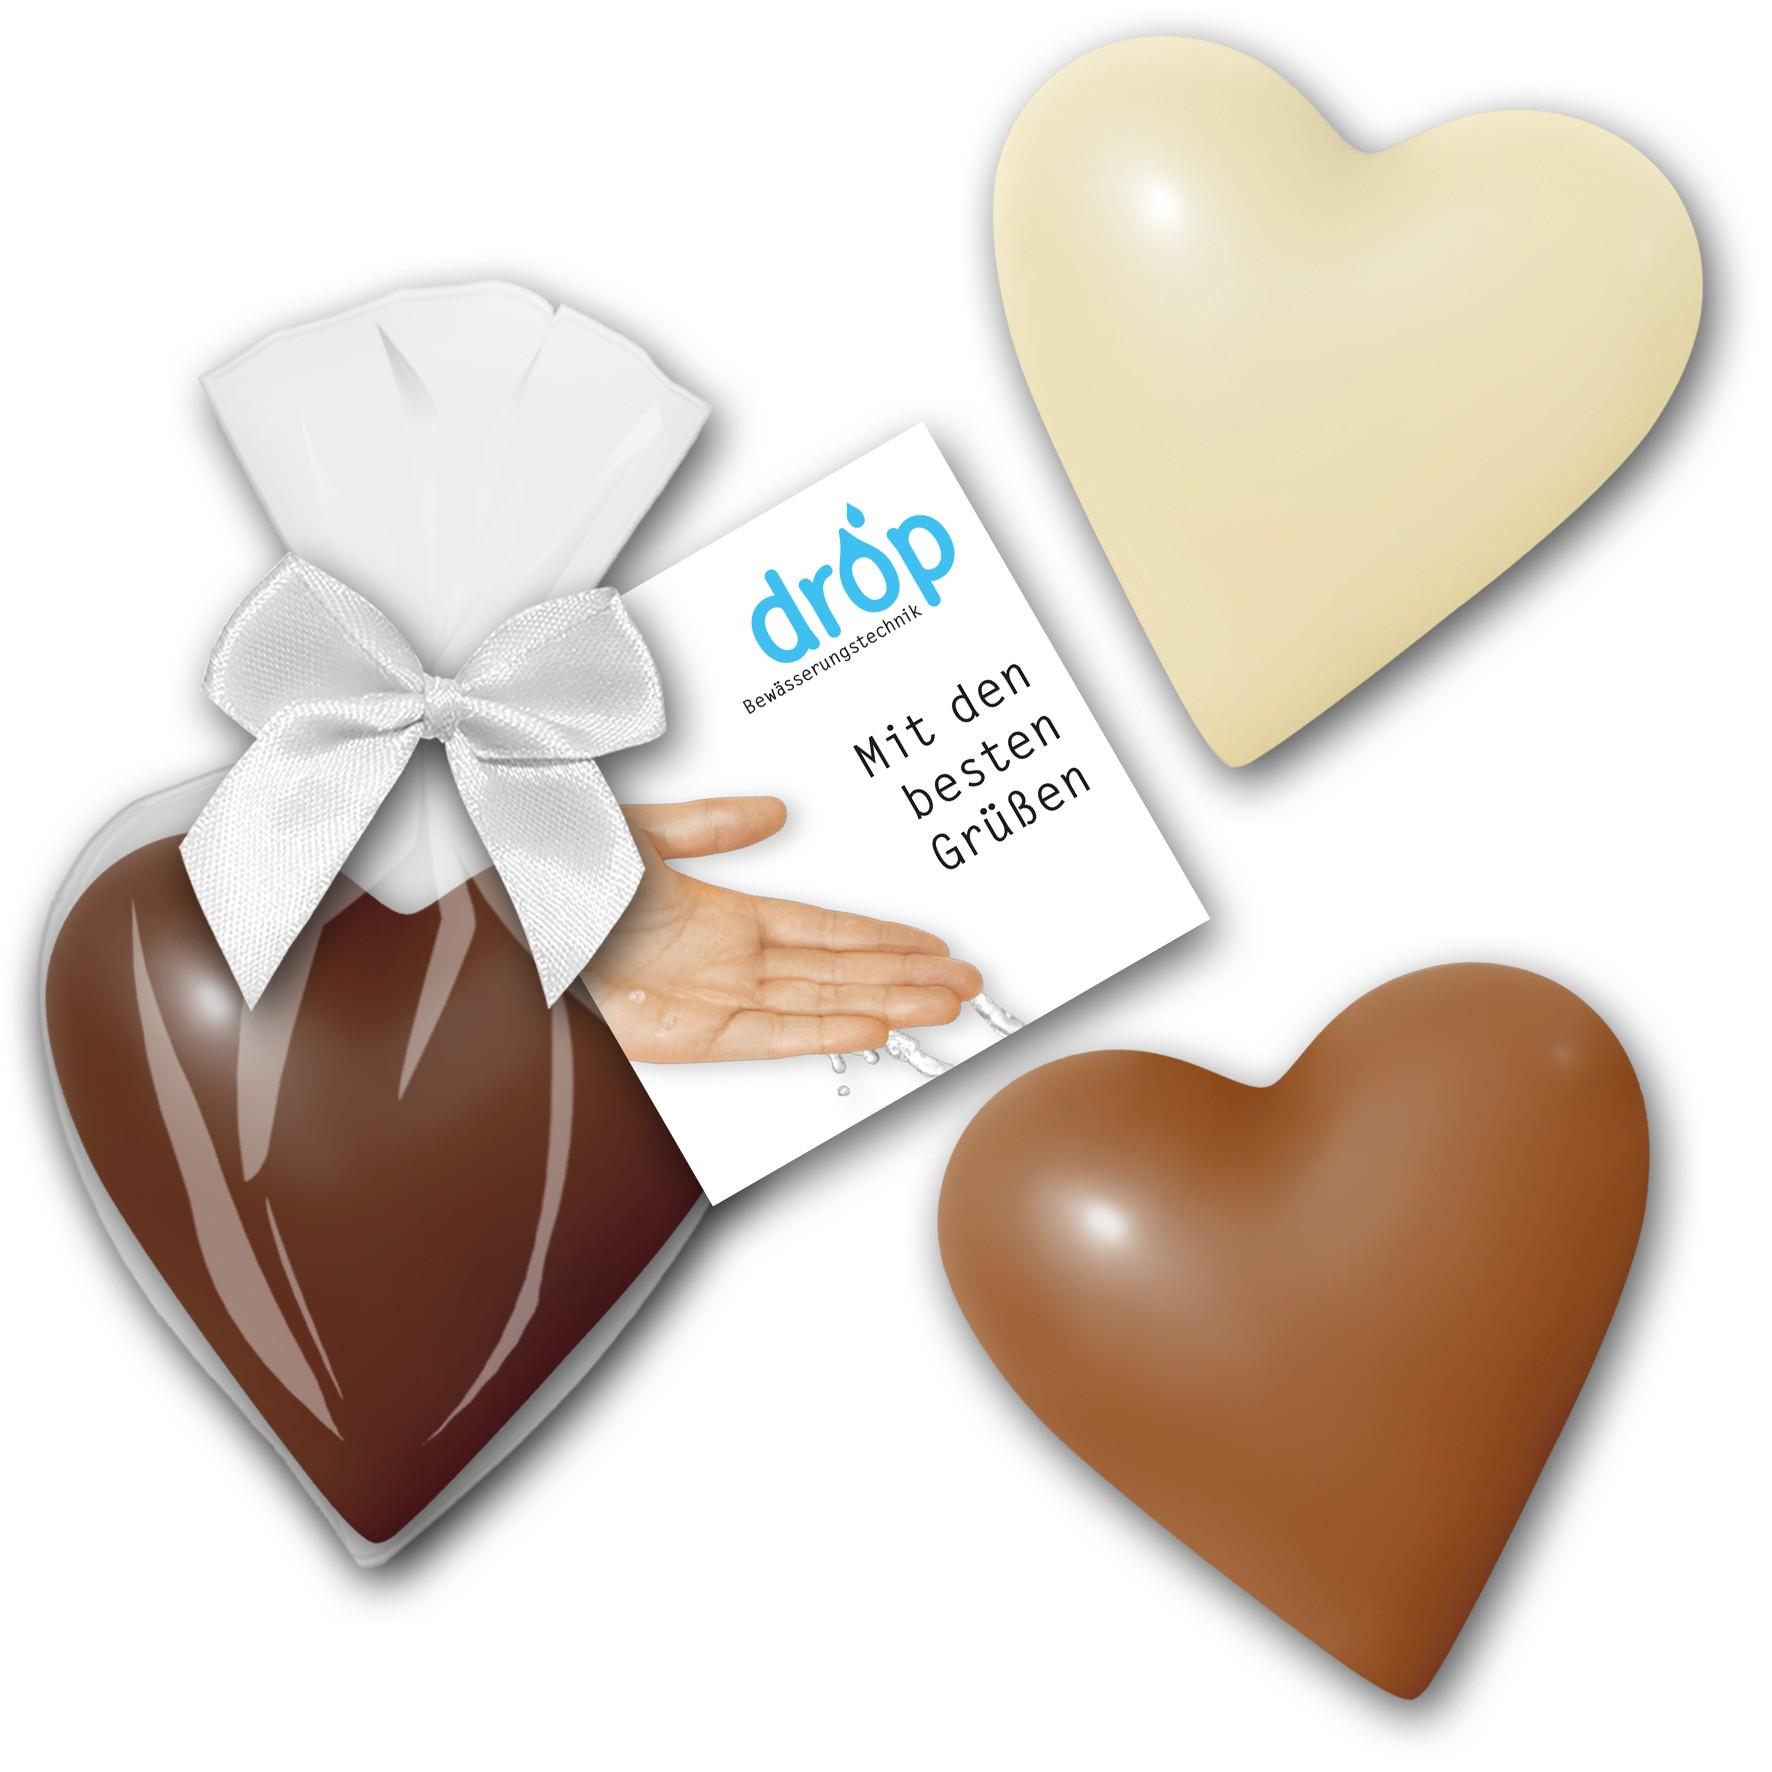 Schokoladenherz klein